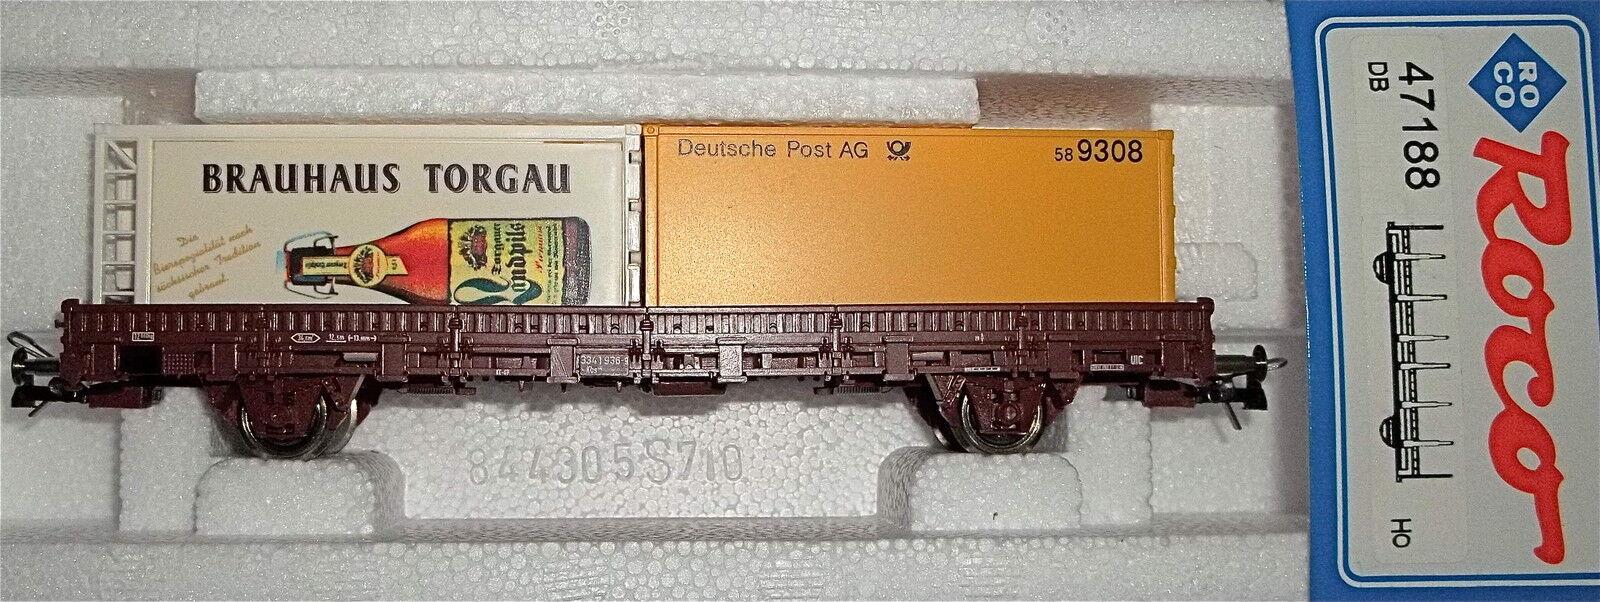 Brauhaus torgau deutsche post ag container rungenwagen DB Roco 47188 H0 HU1 µ